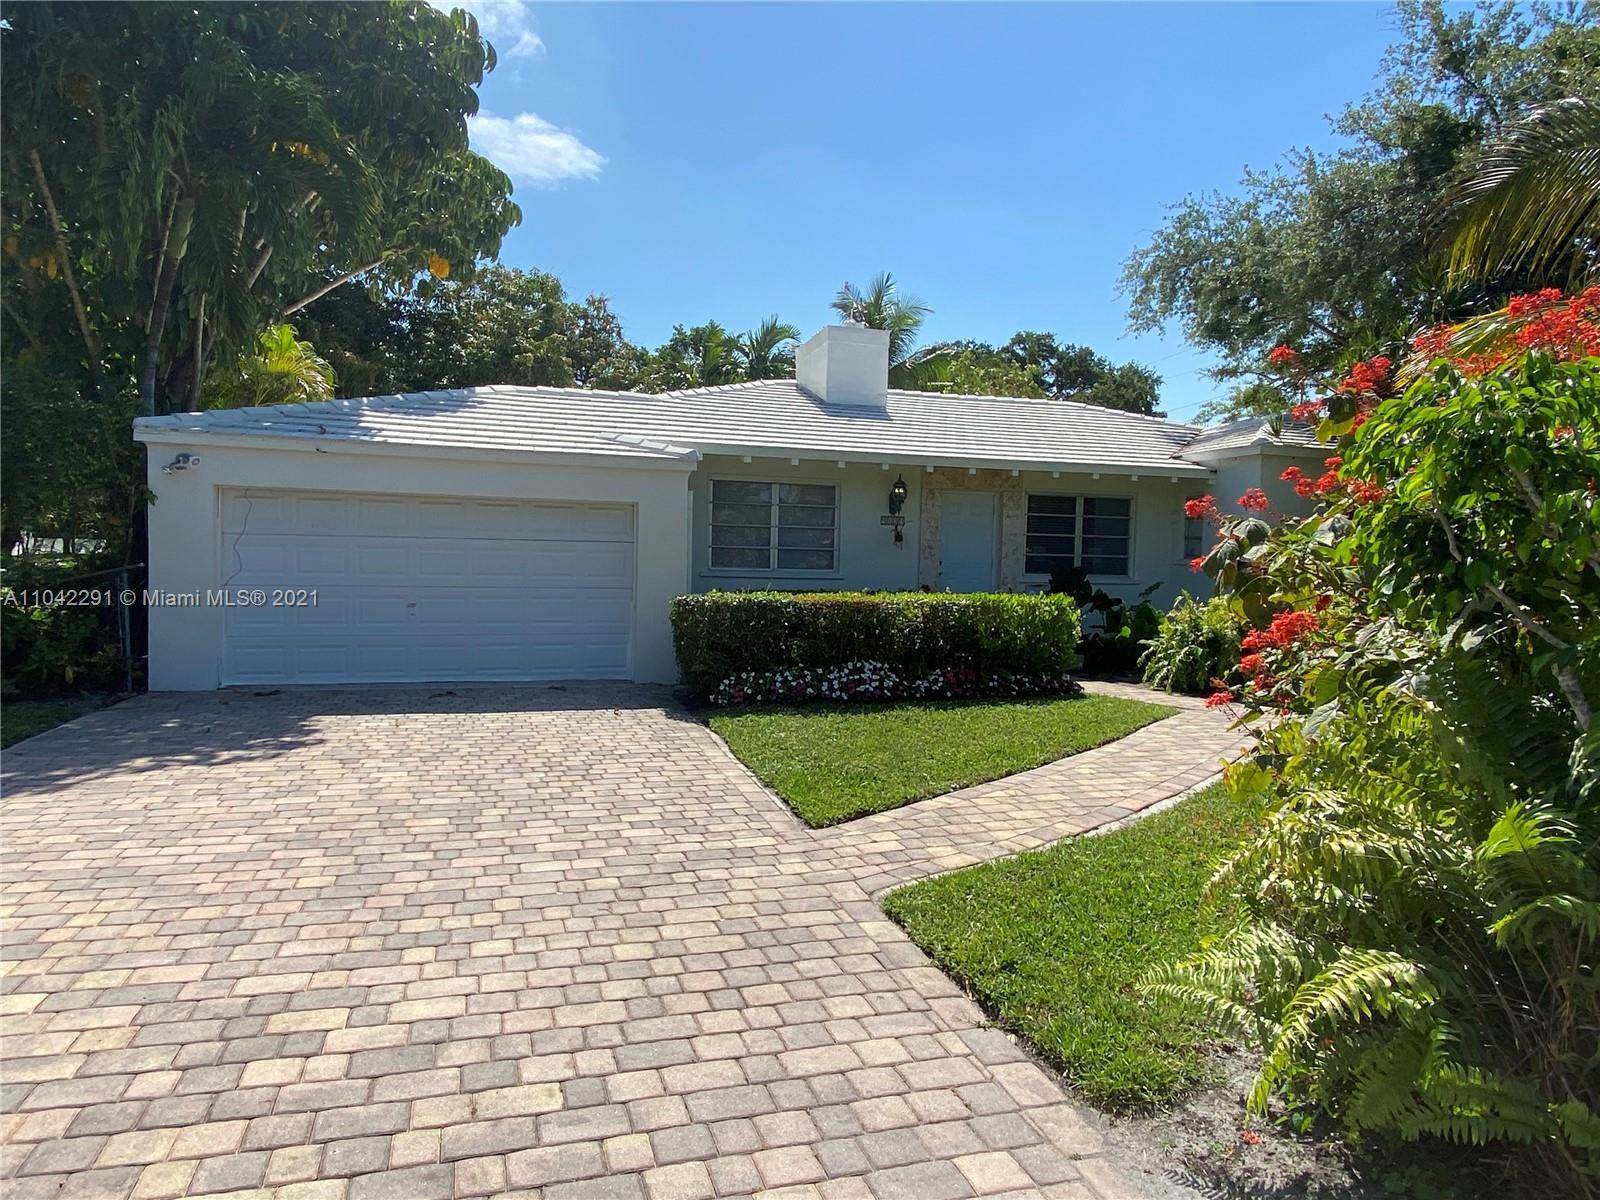 Miami Shores - 9139 NE 10th Ave, Miami Shores, FL 33138